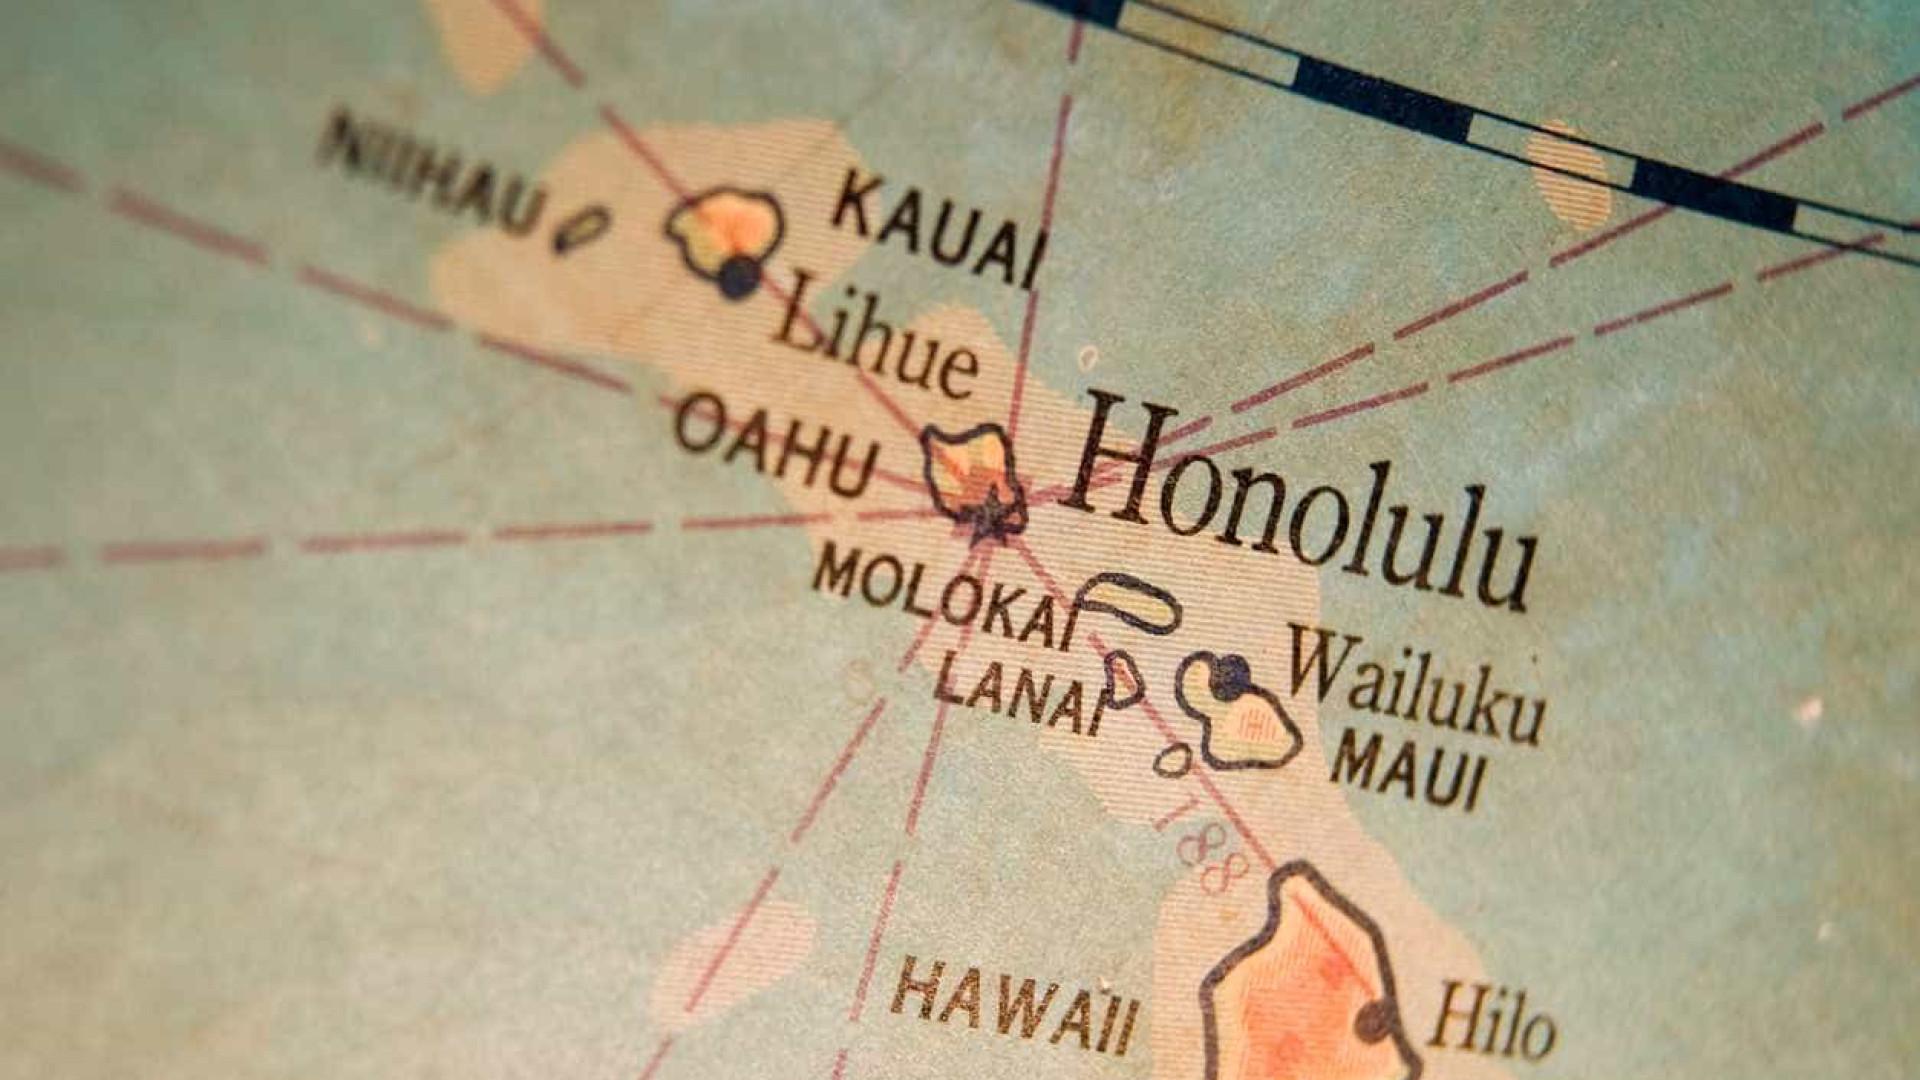 Resultado de imagem para Sirene de ataque soou no Hawai pela primeira vez desde fim da Guerra Fria